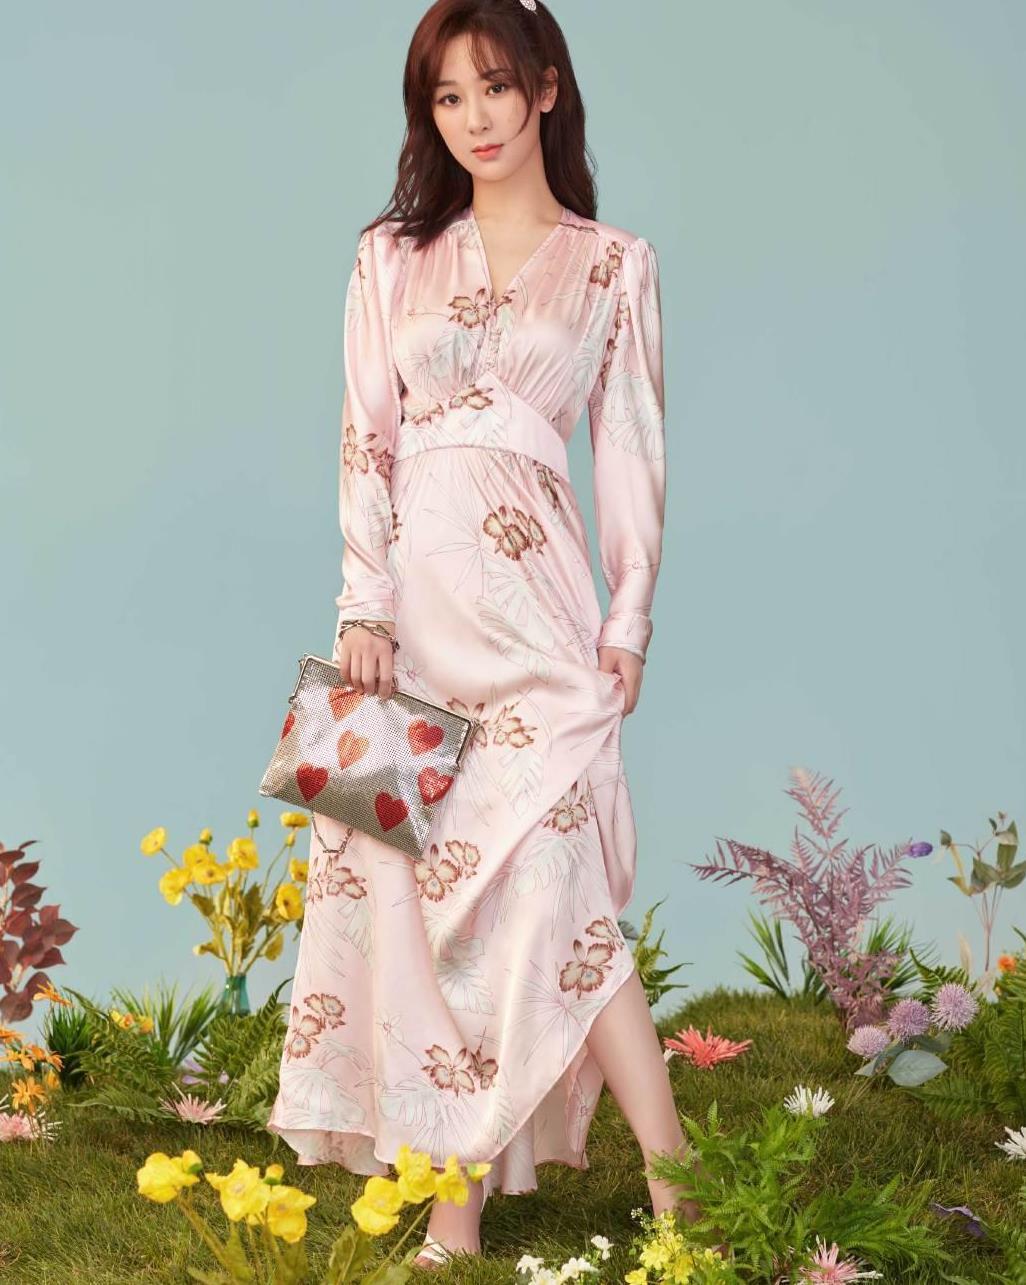 杨紫太适合甜美风了,粉色丝绸仙女裙精致又养眼,妥妥的高级感